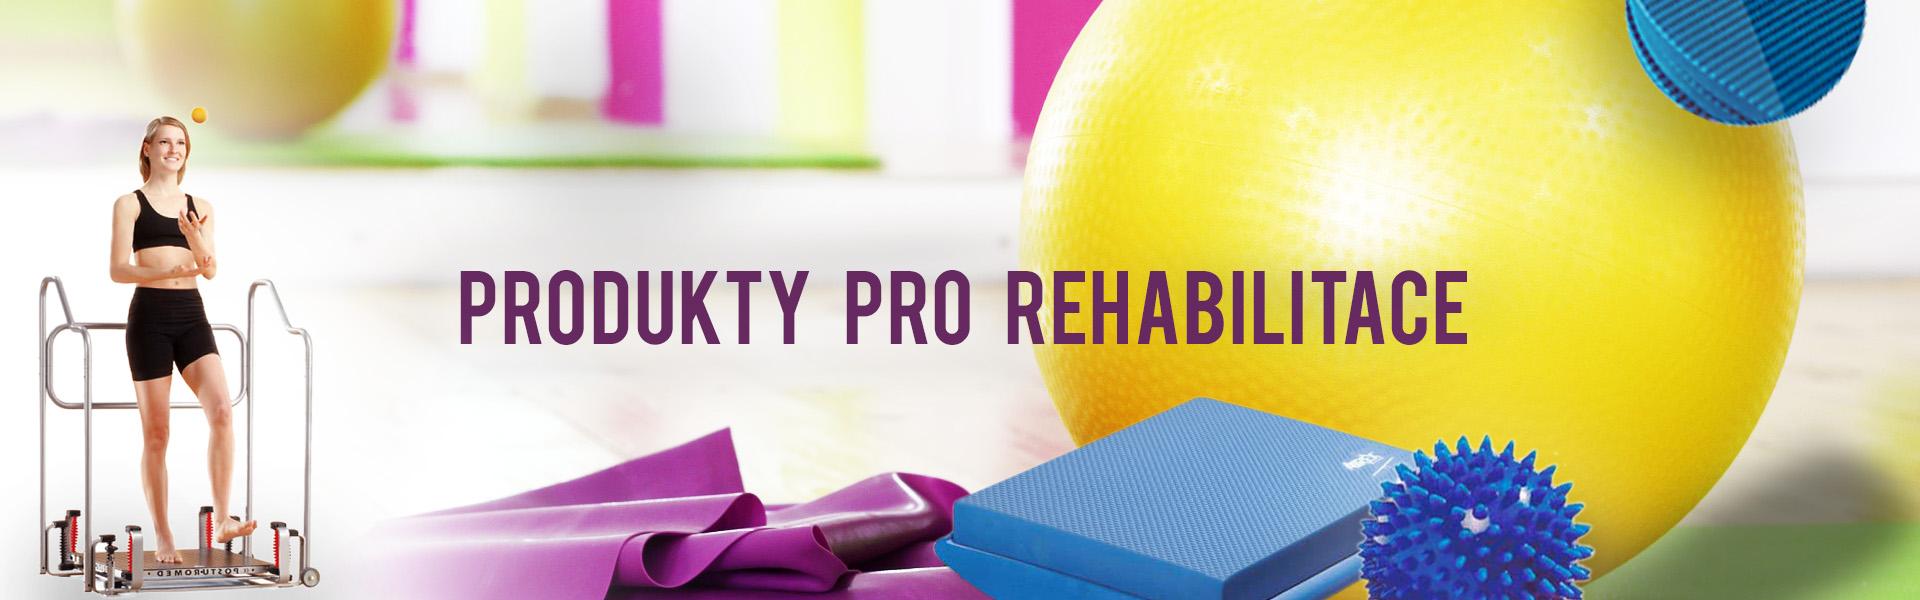 Pro rehabilitace - cvičební pomůcky a doplňky